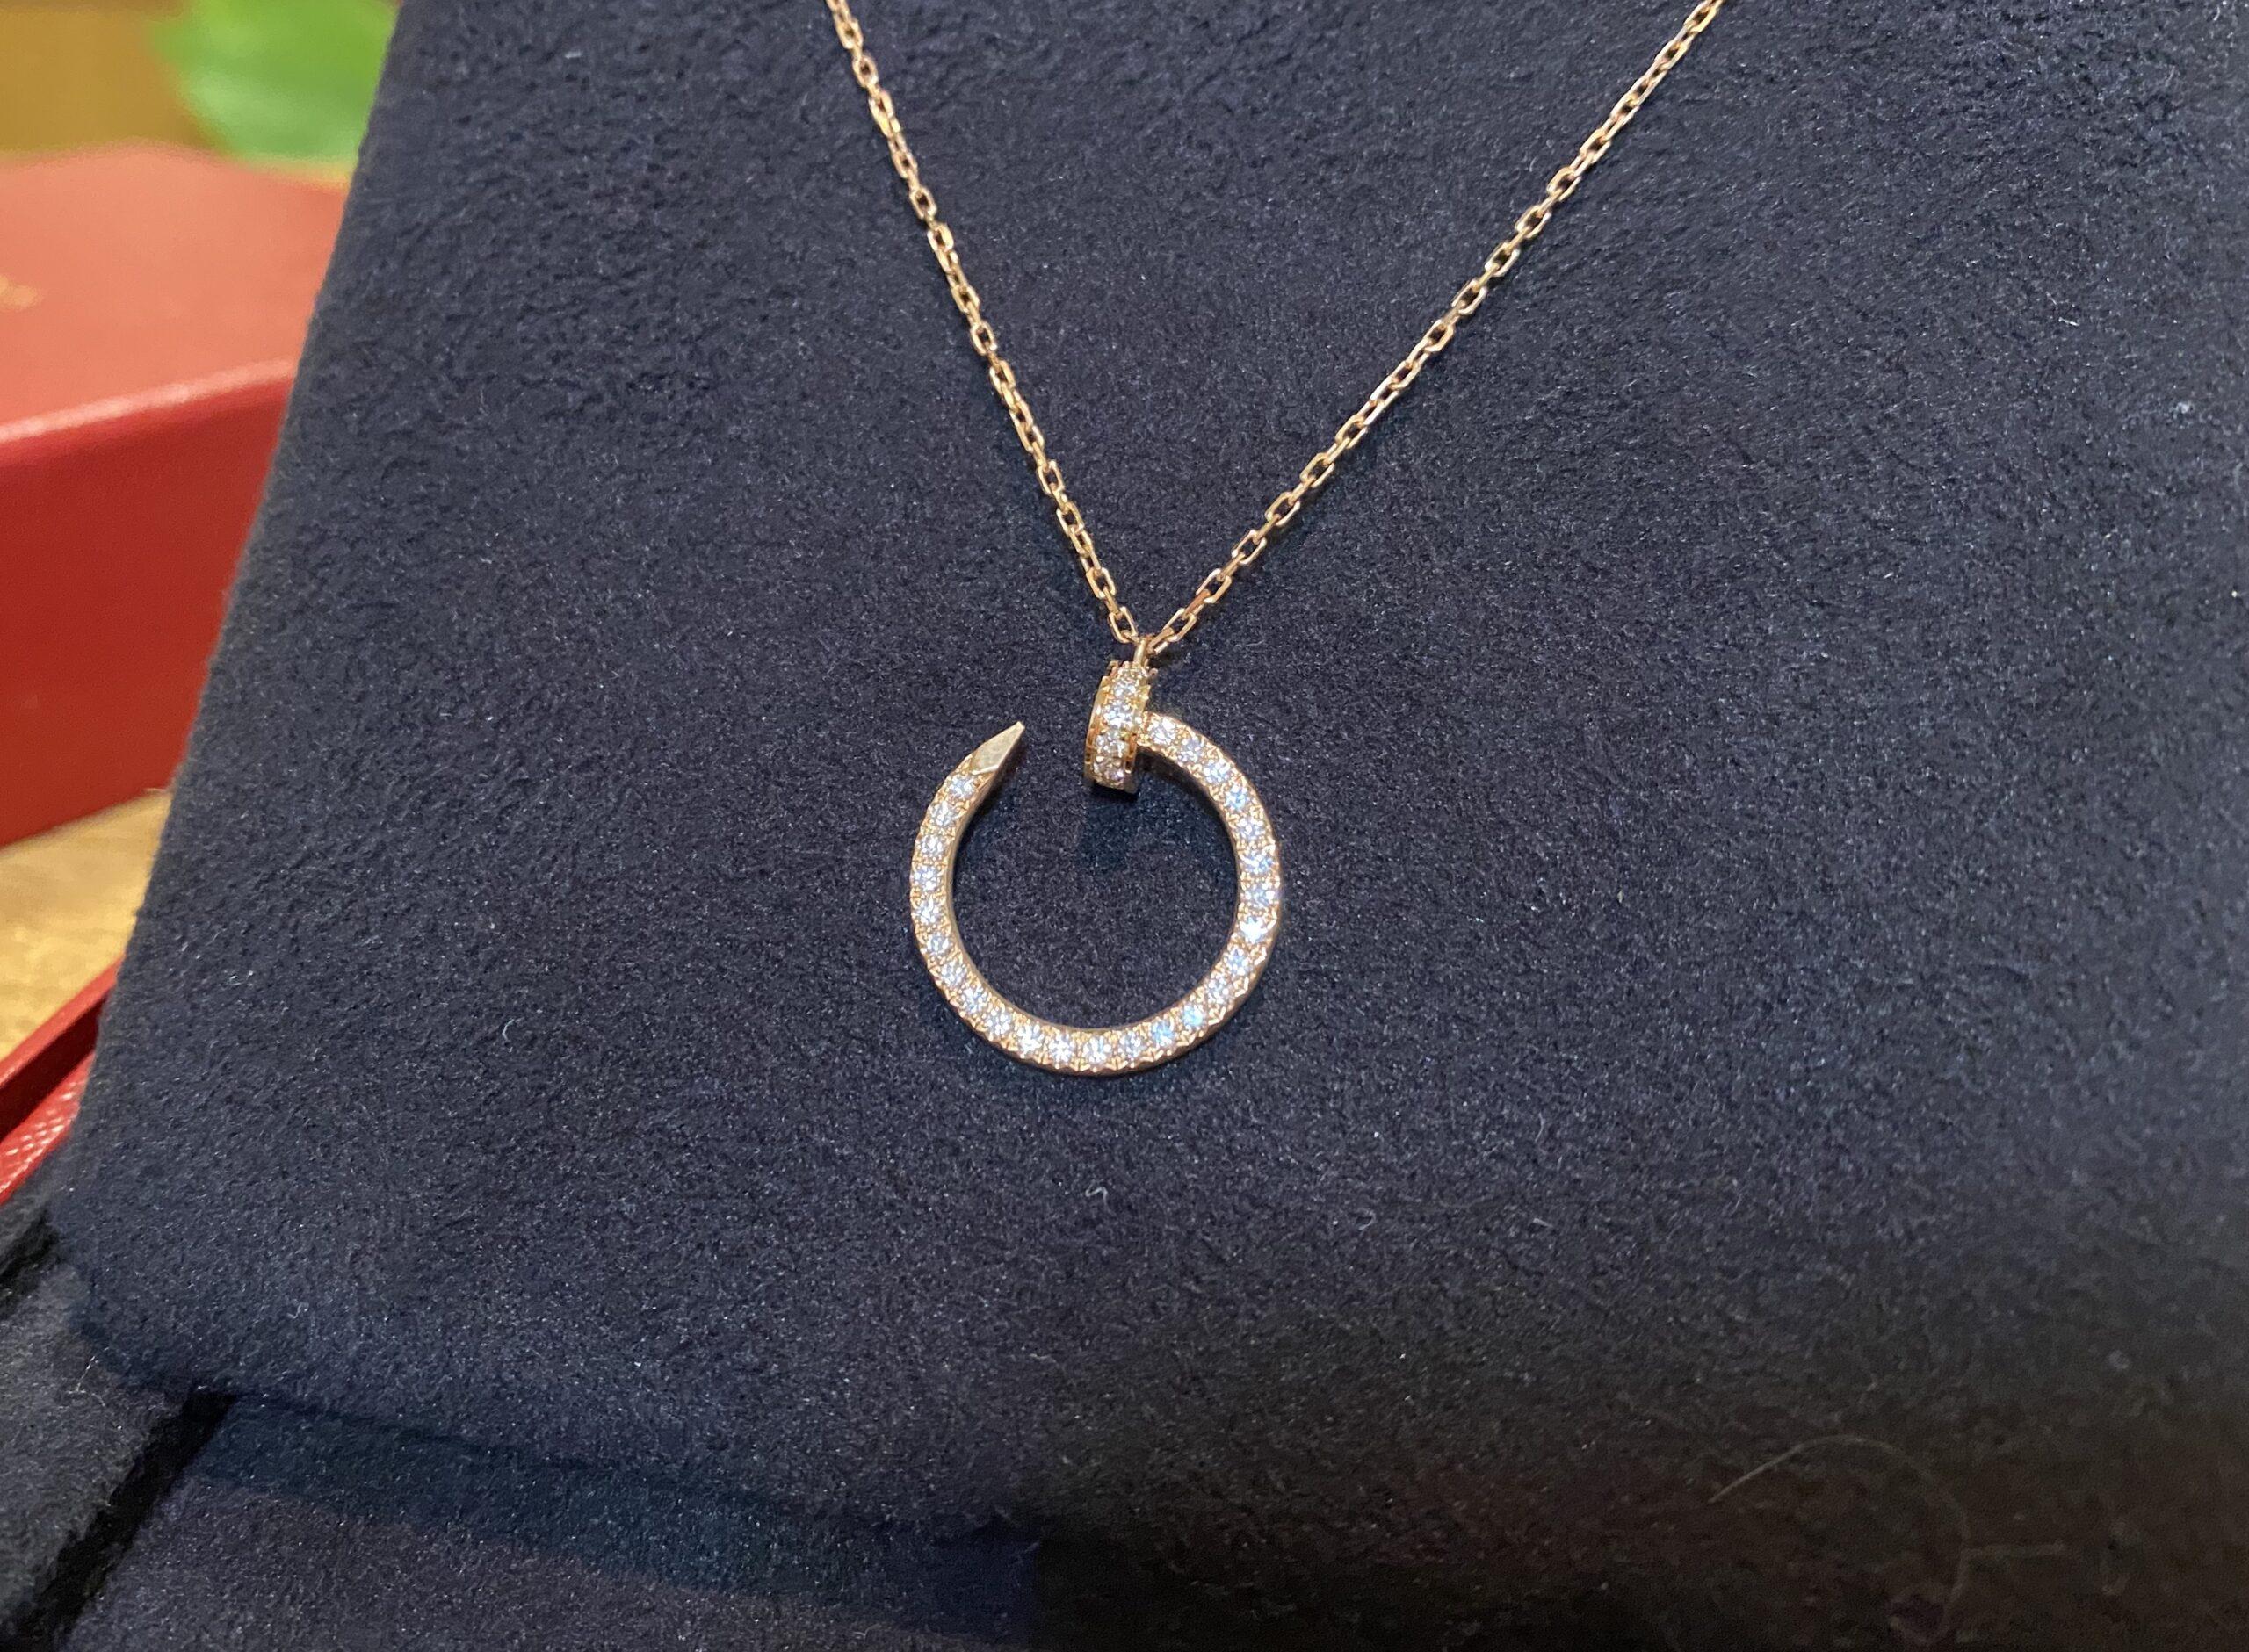 カルティエ ジュストアンクル ネックレス ダイヤ K18PGをお買取!価格の相場は?